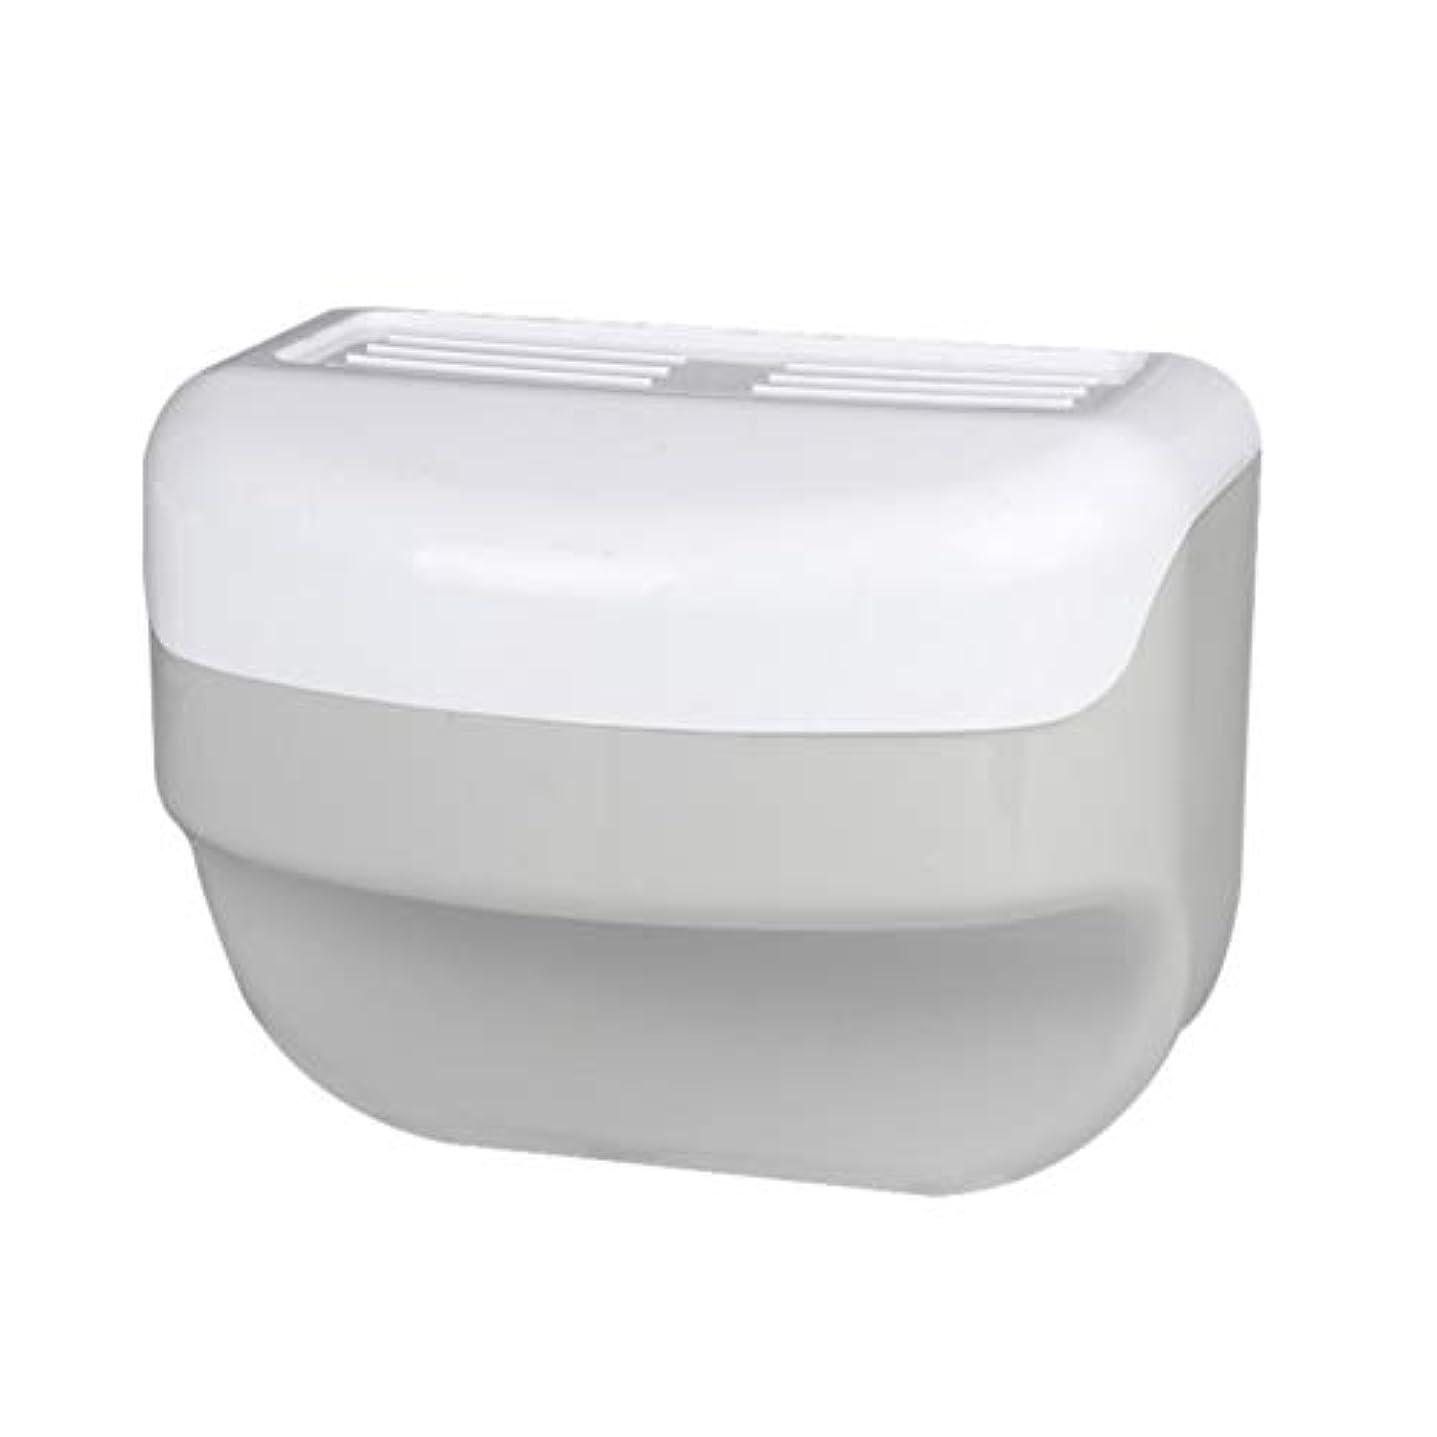 画像救い不振TOPBATHY 浴室トイレティッシュボックスラック壁吸盤ロールホルダーフリー掘削ネイルフリーティッシュボックス